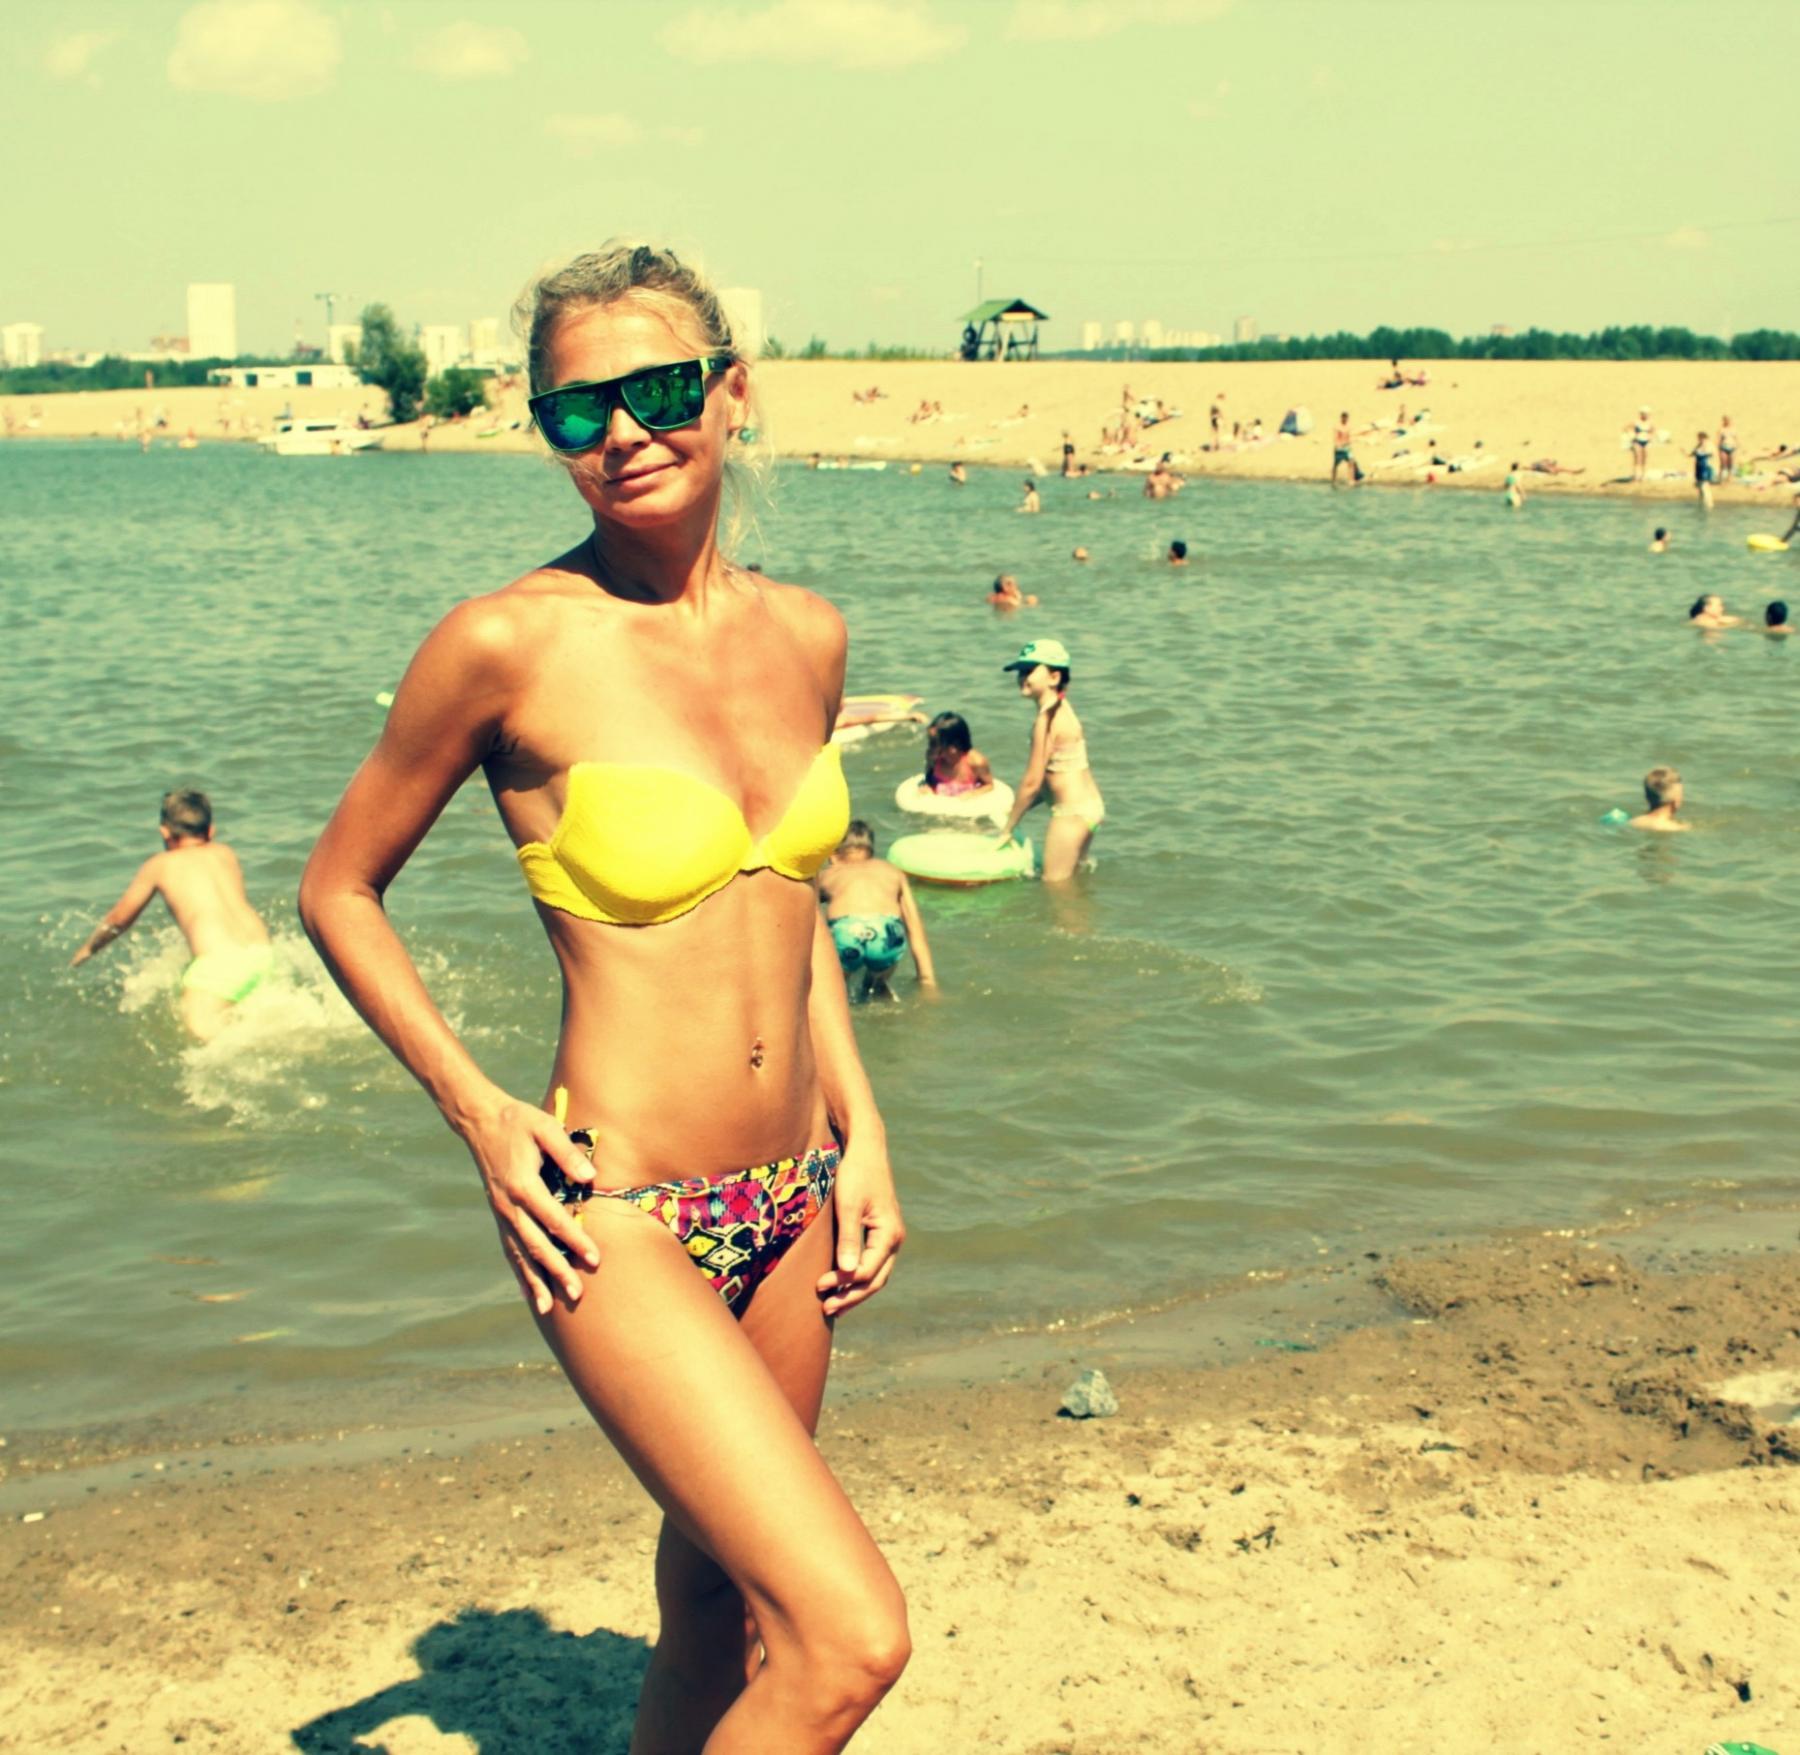 фото Лето, пляж, красотки: подборка самых горячих девушек на пляже Новосибирска 7